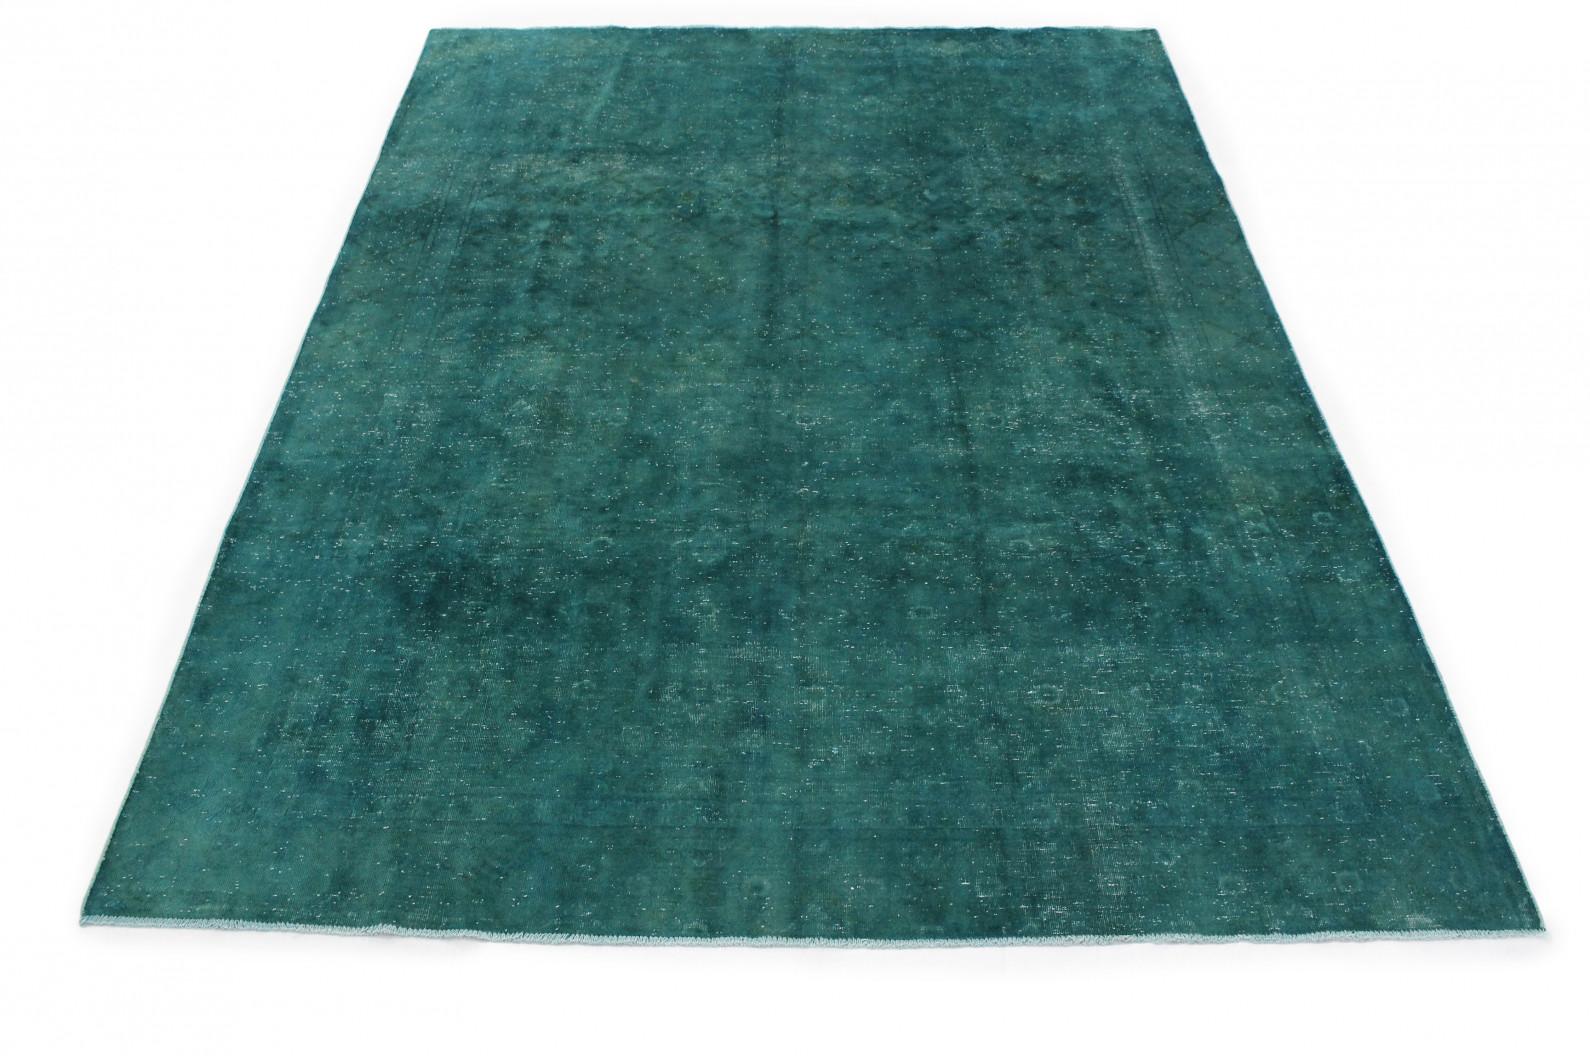 Vintage Teppich Türkis Grün In 340x240